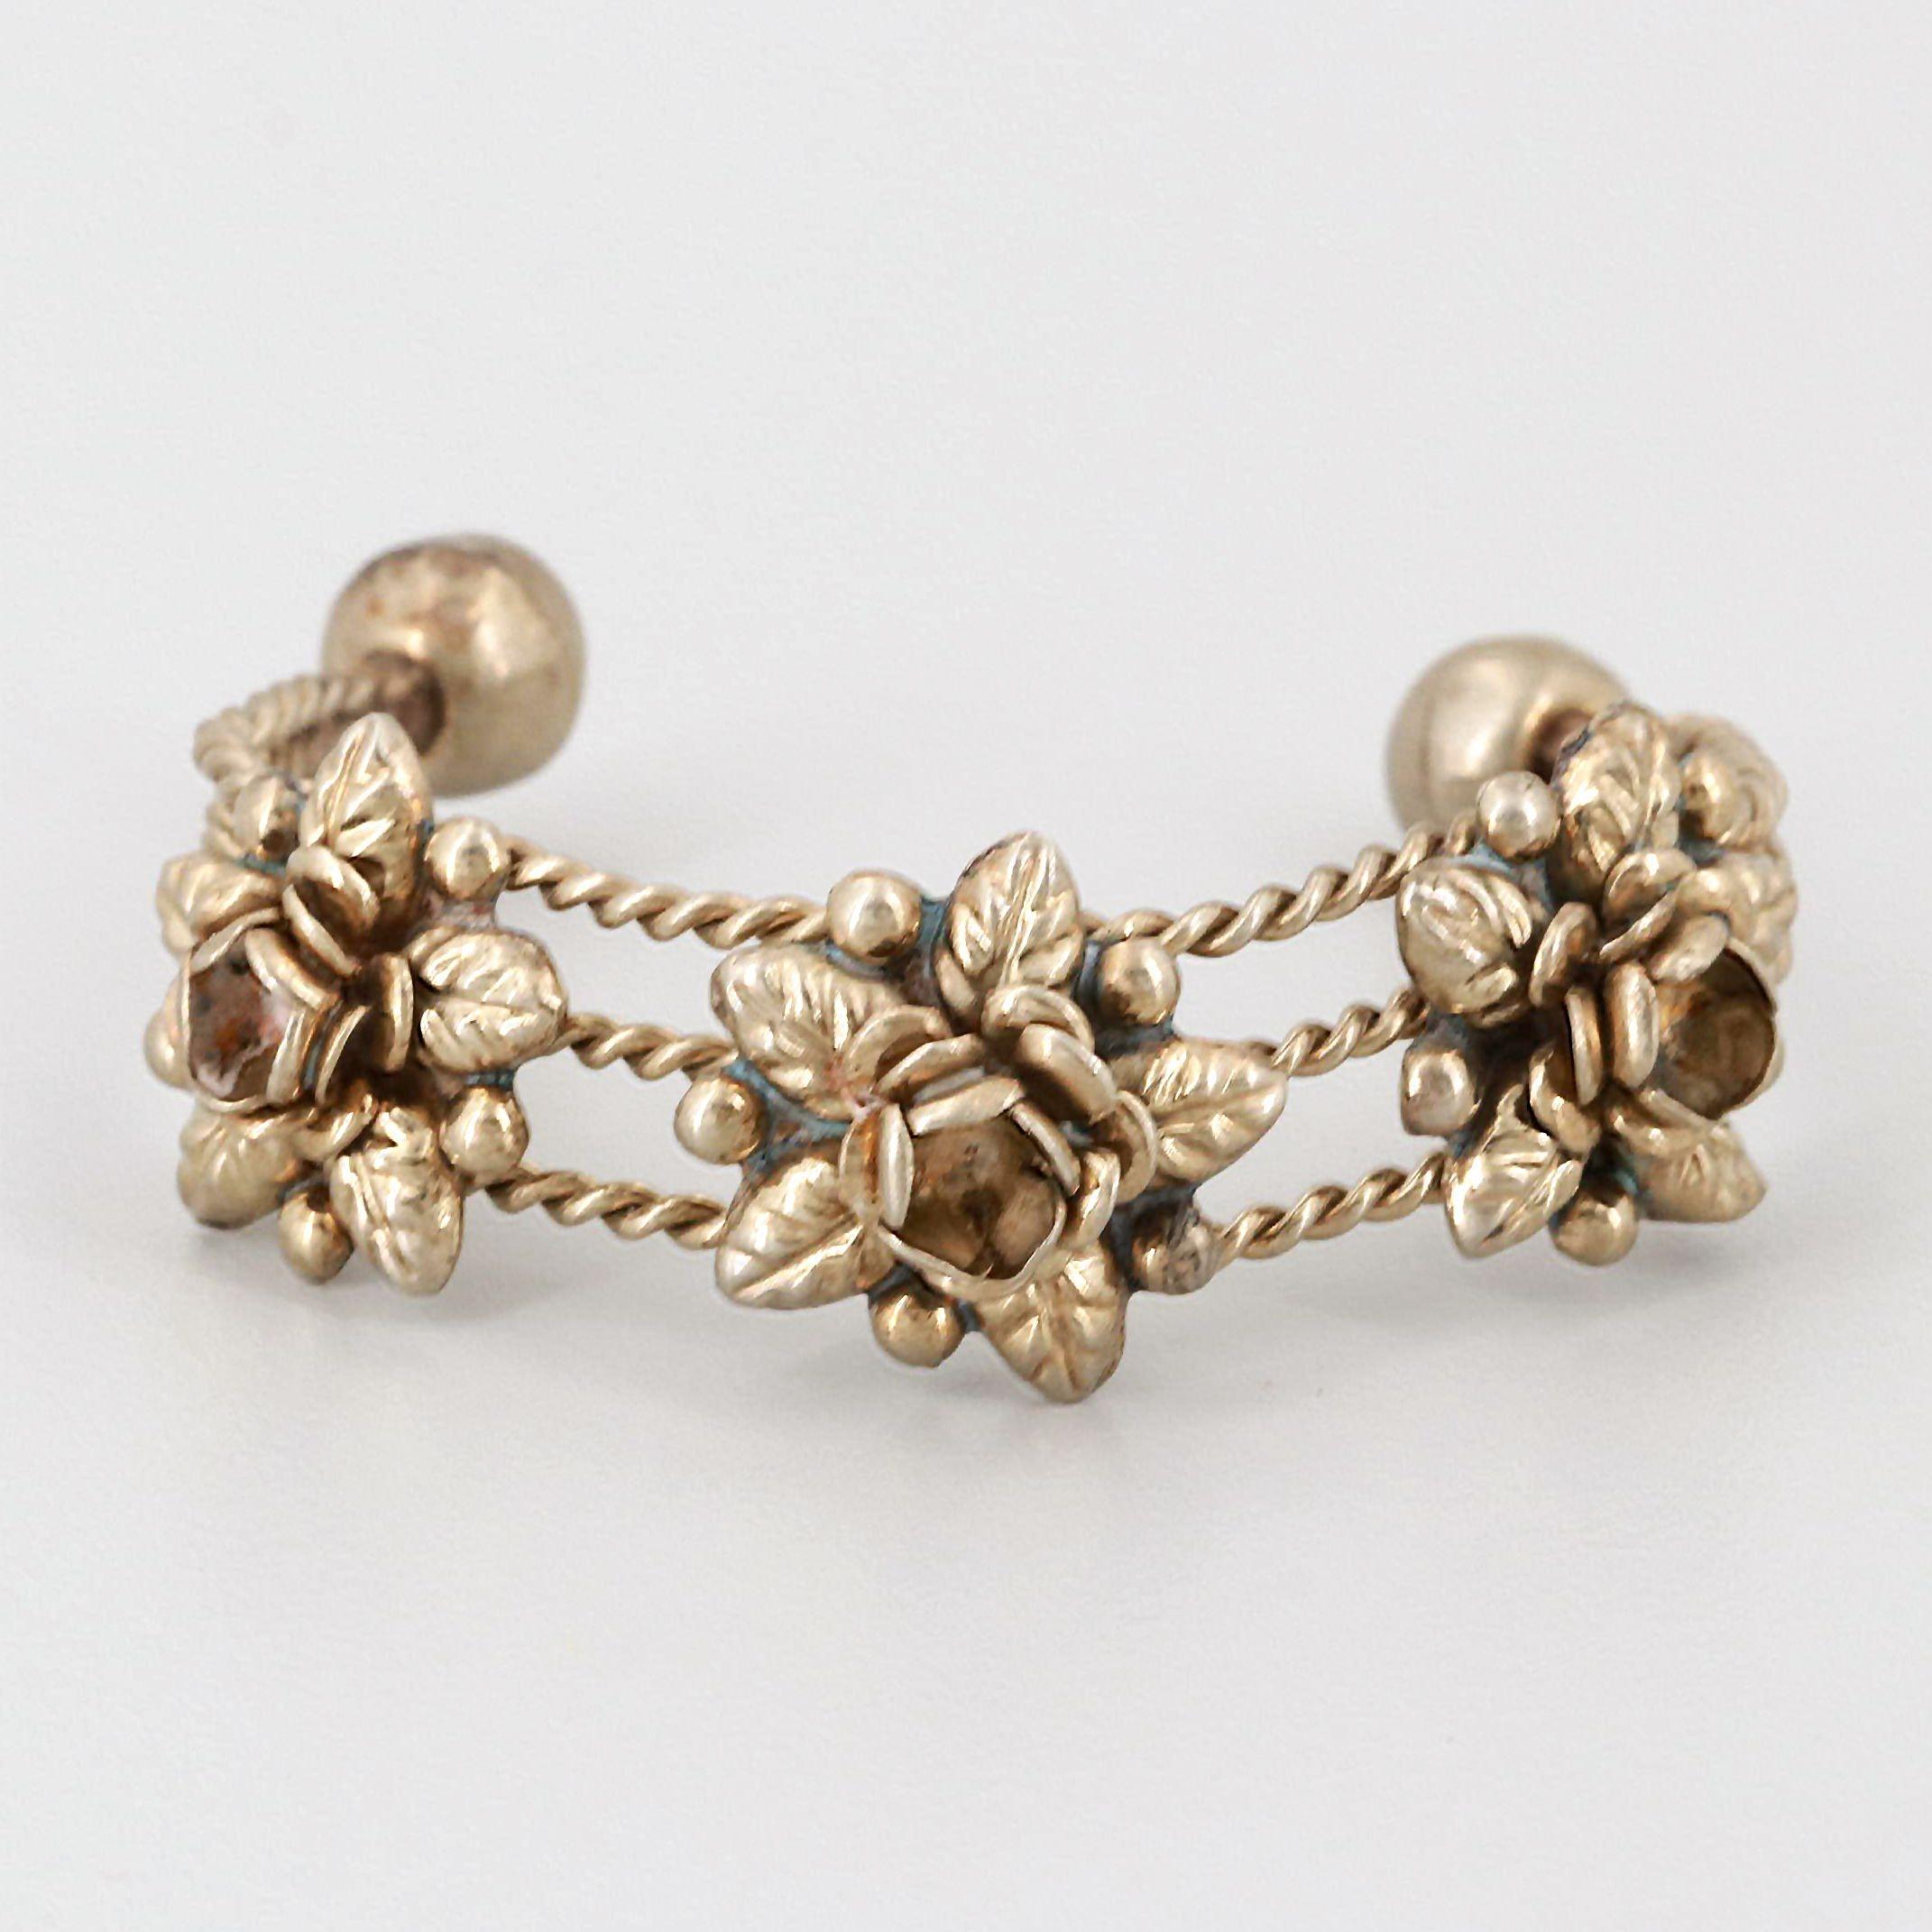 Gold Tone Child's Cuff Bracelet